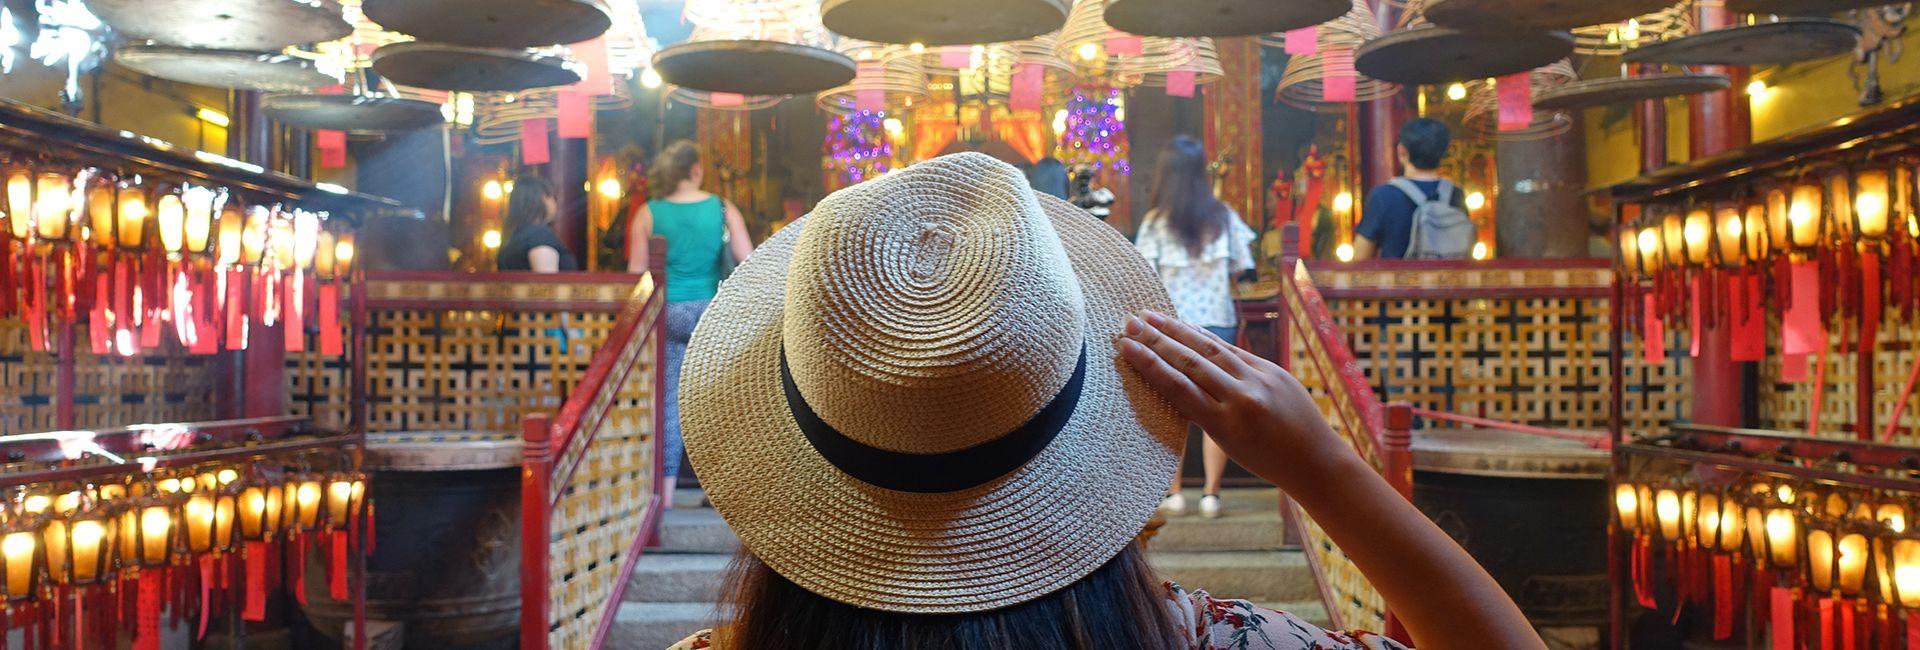 Hướng dẫn du lịch Hồng Kông một mình 2020